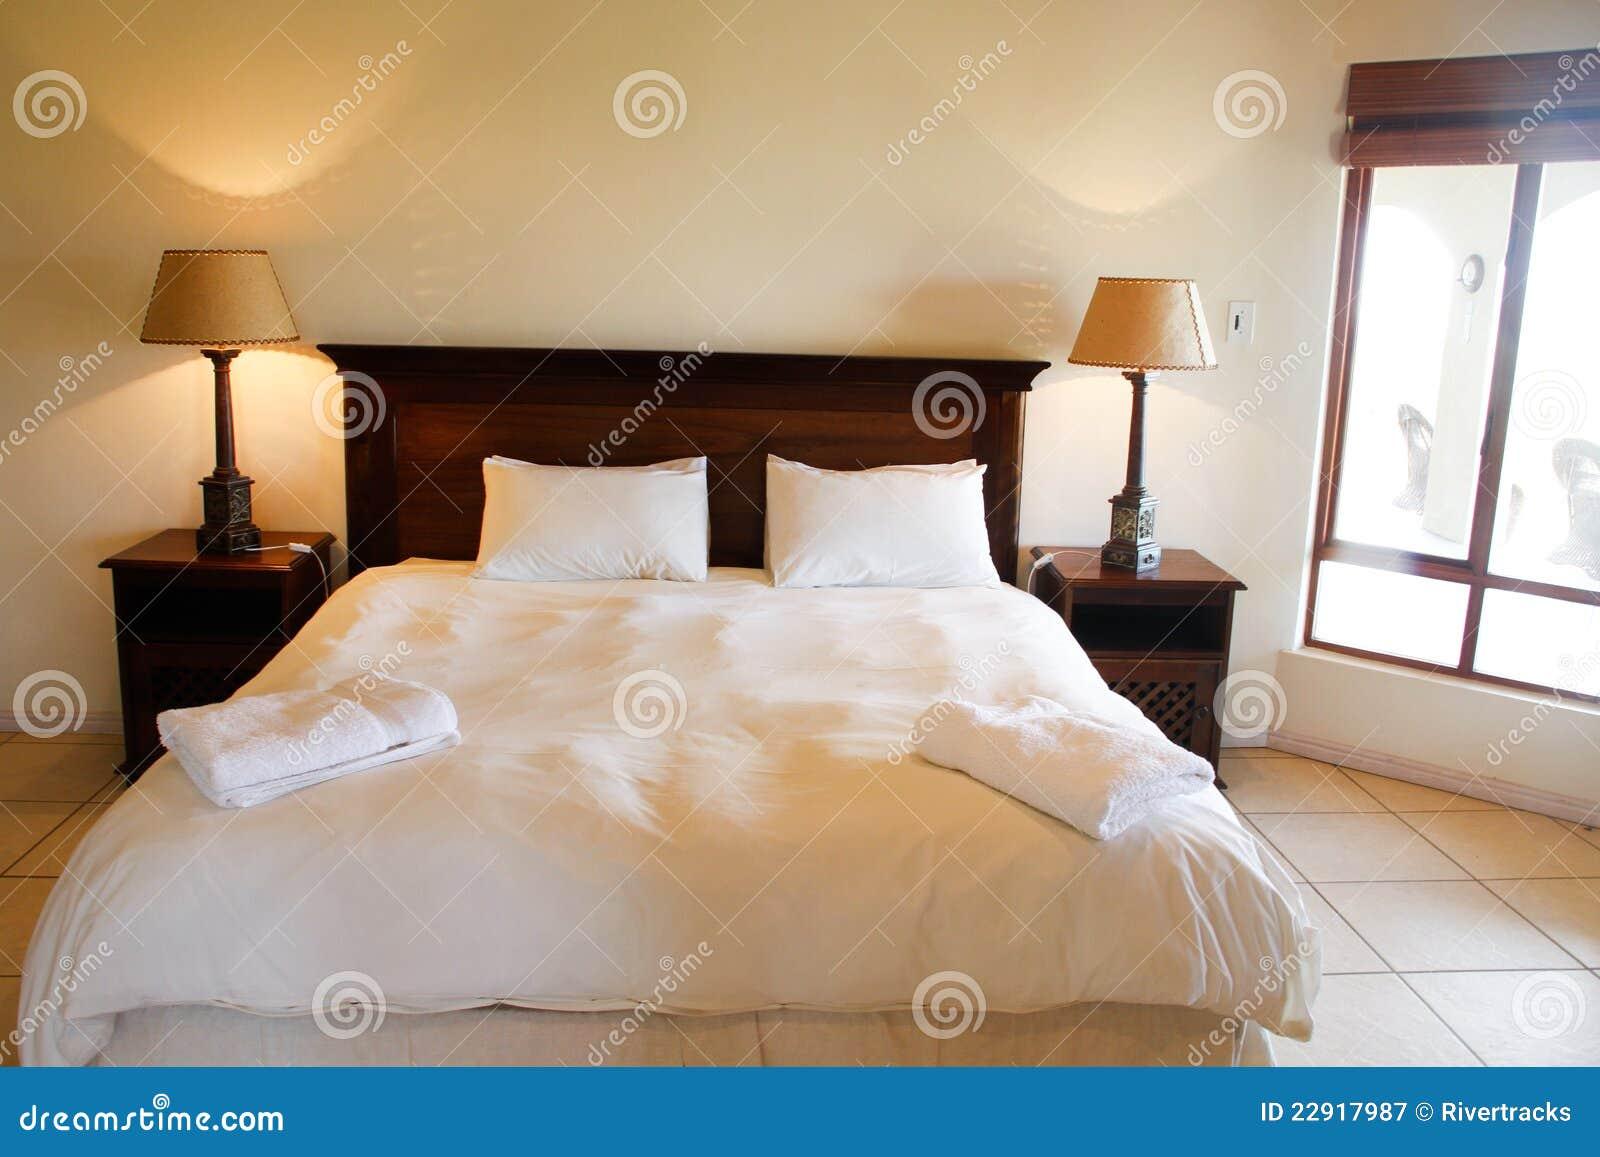 Cama de madera en un dormitorio de lujo fotograf a de - Dormitorio de madera ...